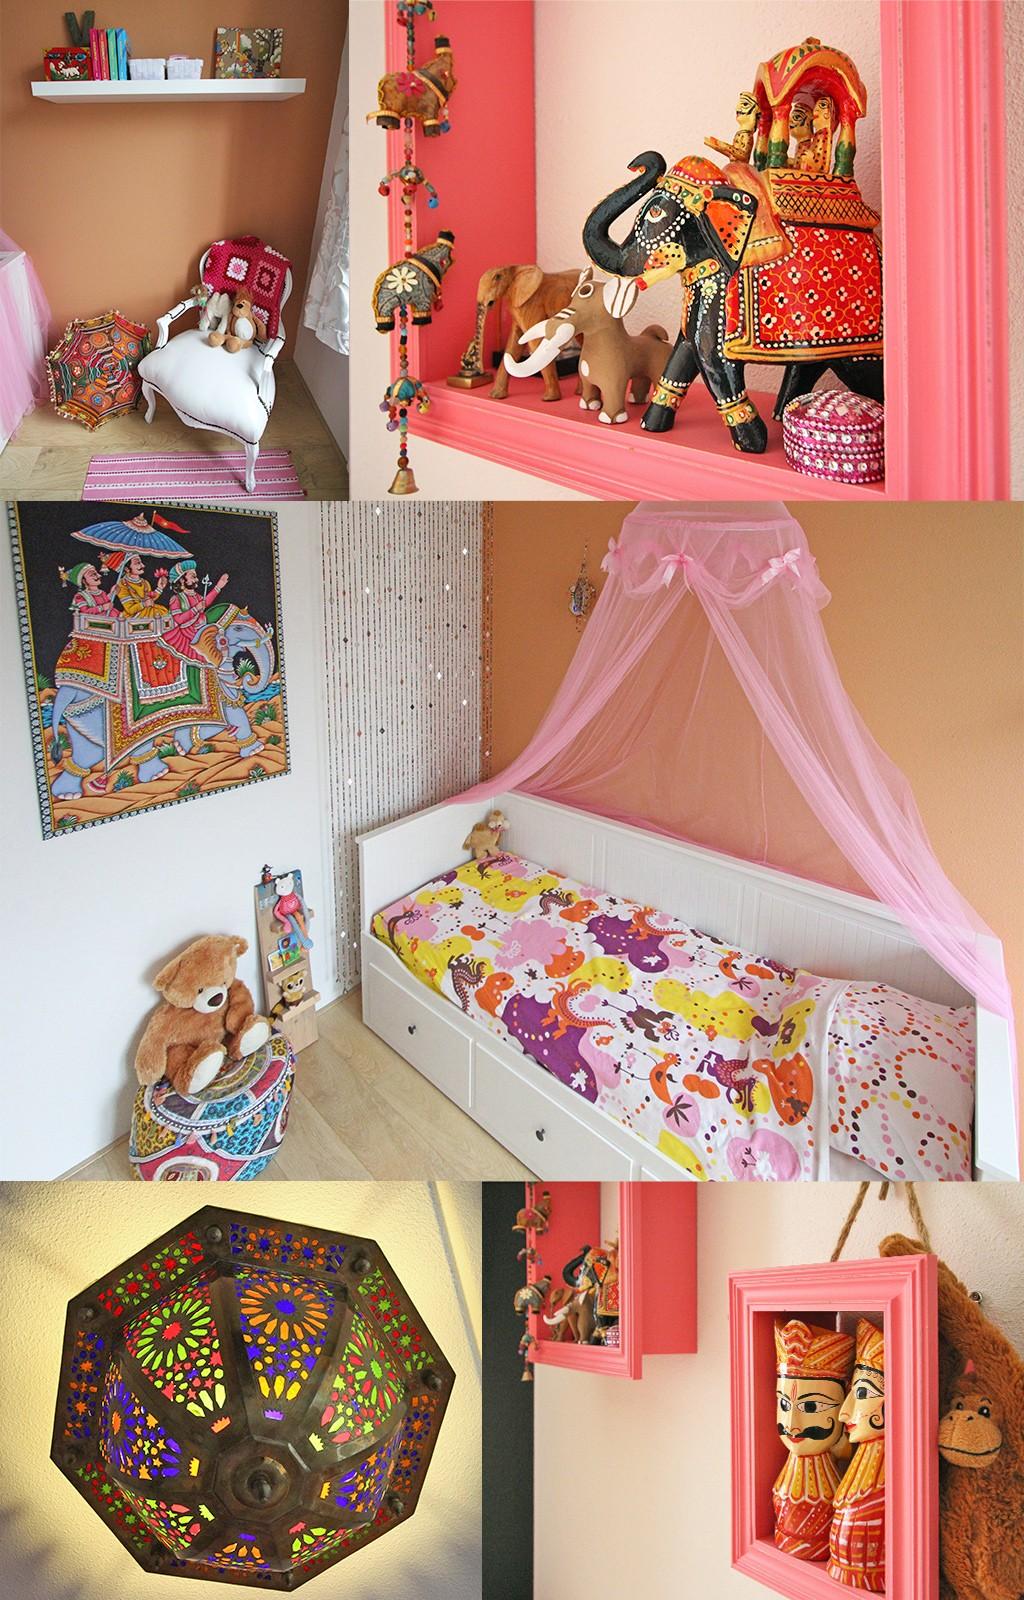 reis interieur - kinderslaapkamer